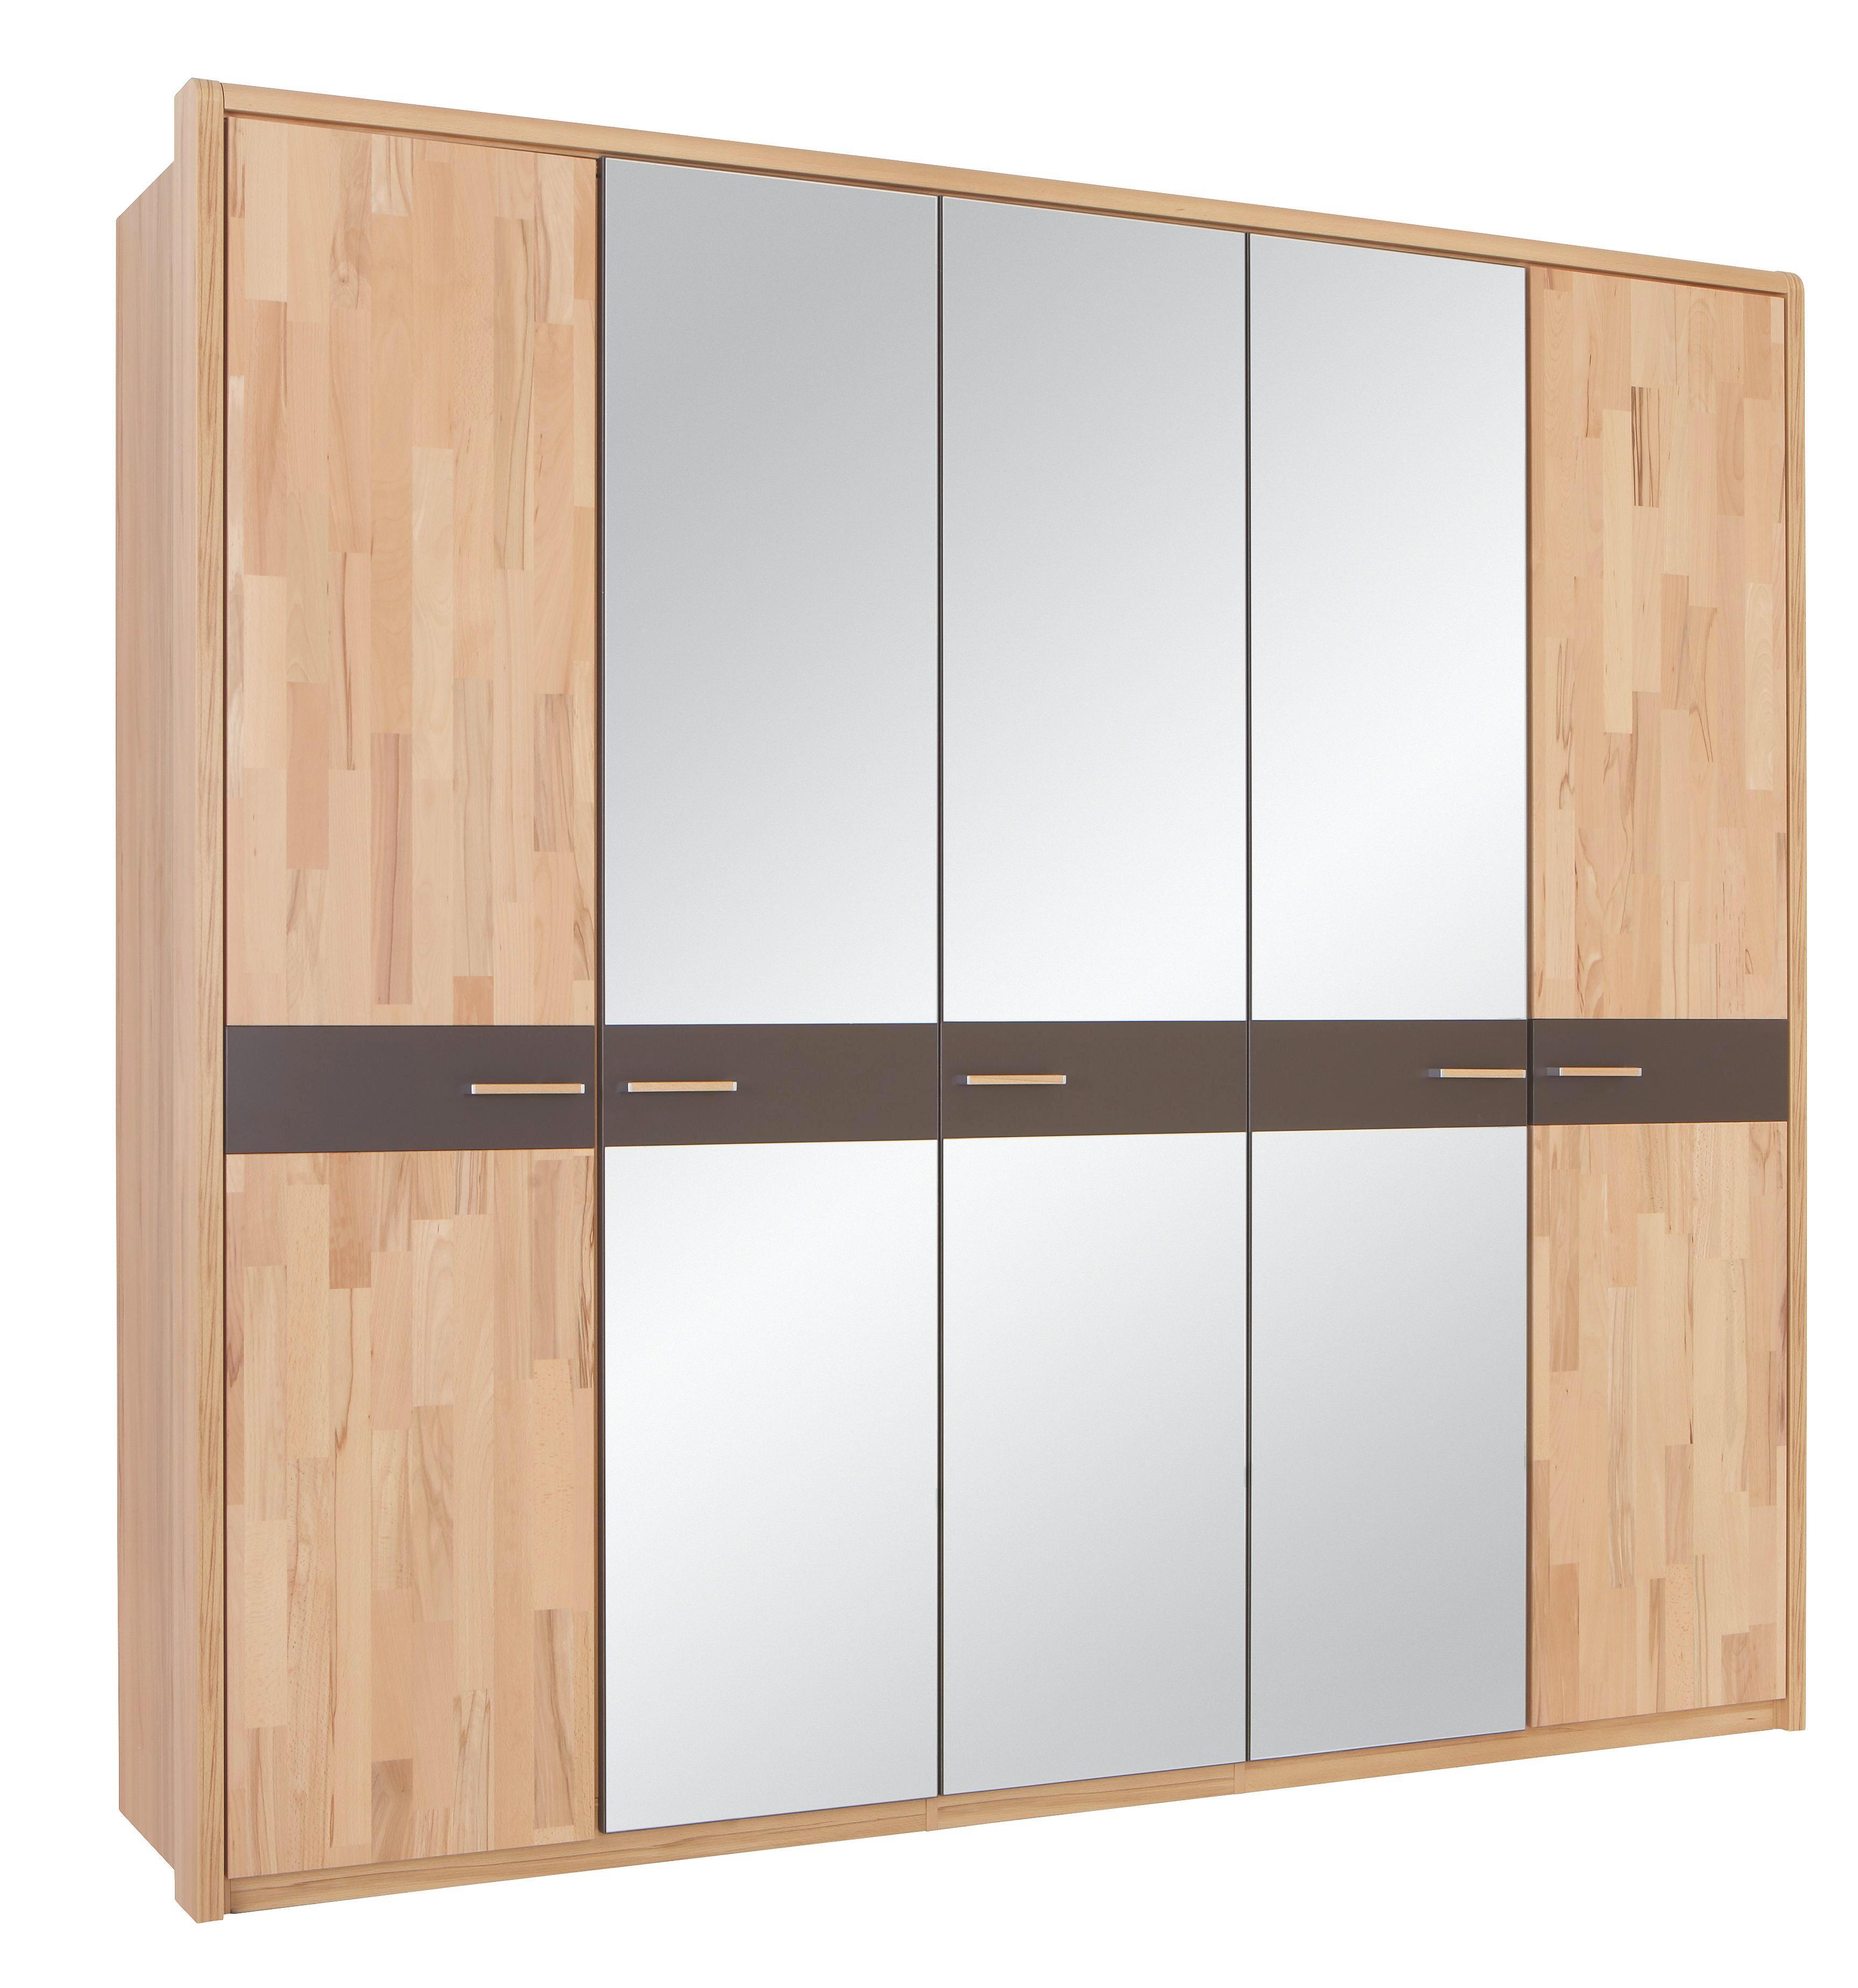 Kleiderschrank in Buche aus Echtholz - MODERN, Holz/Holzwerkstoff (235/214/58cm) - ZANDIARA